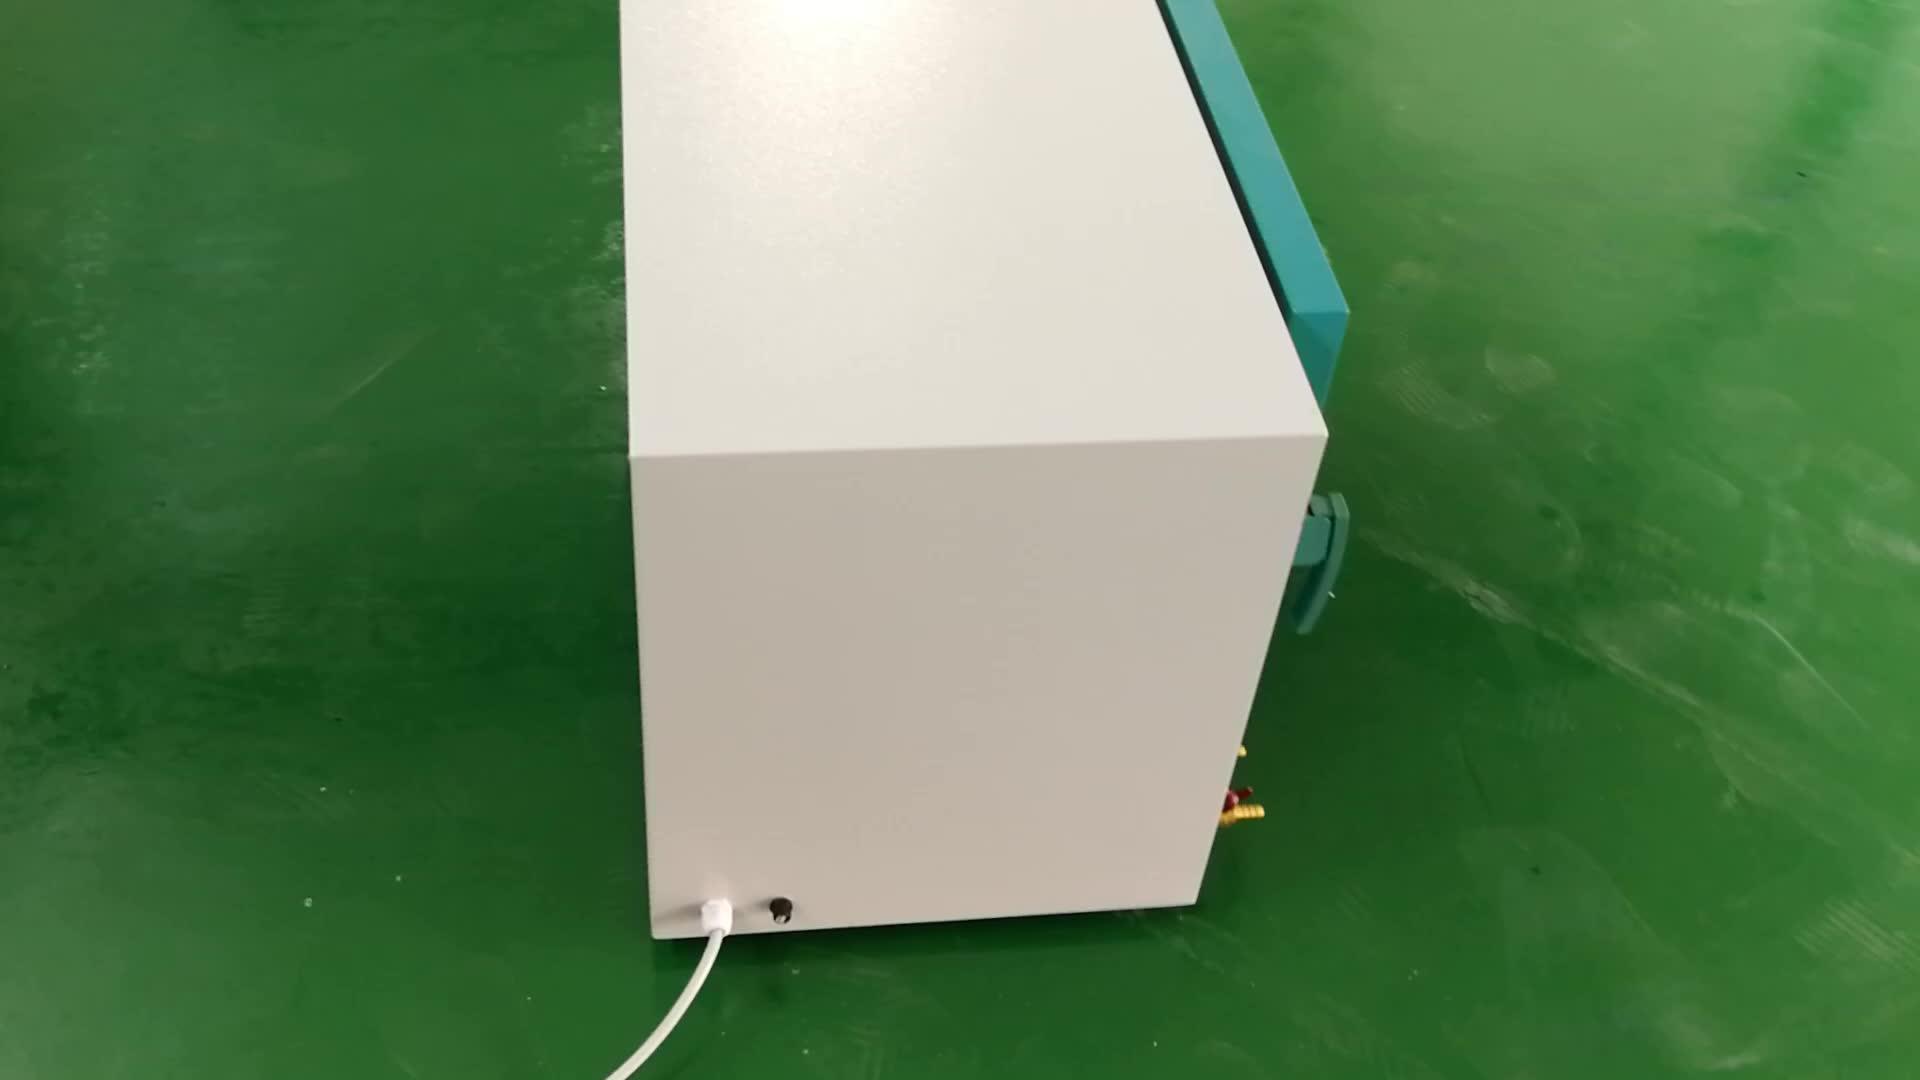 Fabrikant supply Goedkoopste Grotere Capaciteit Vacuüm Droogoven met Tijd-control en Roestvrij Frame